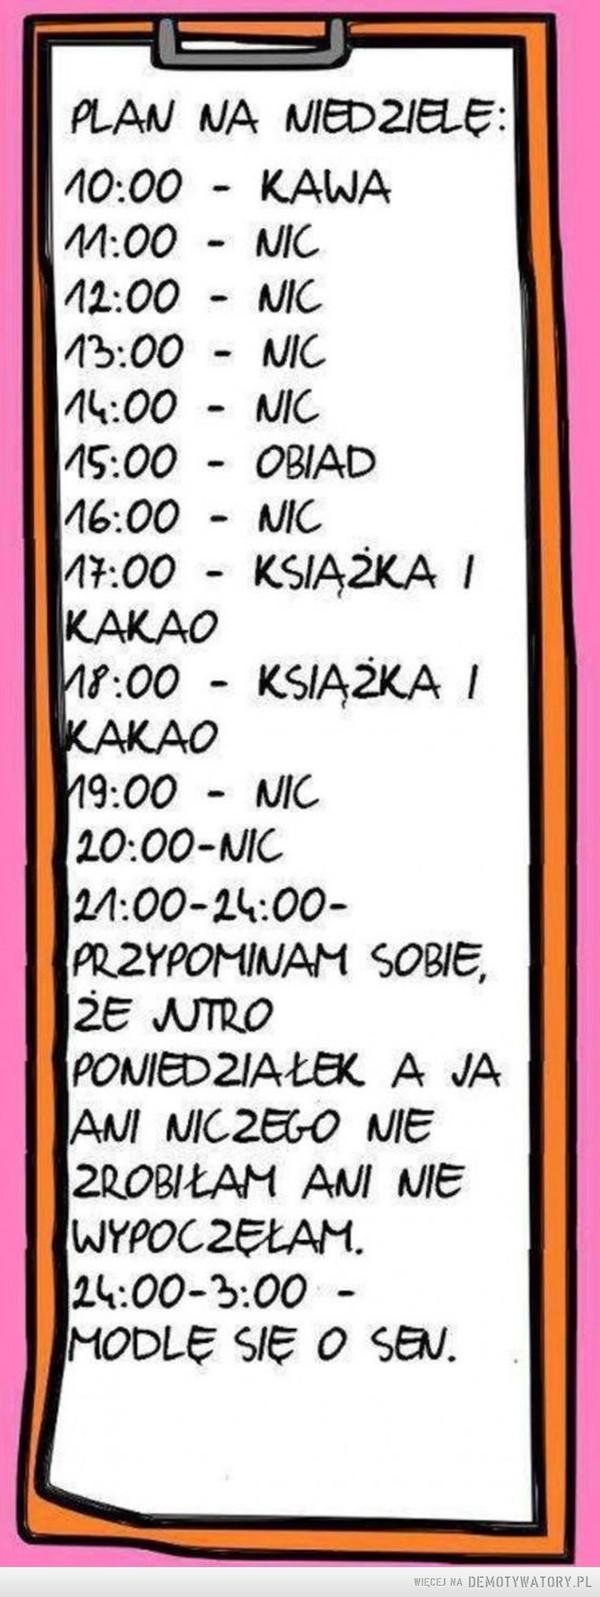 Plan na niedzielę –  PLAN NA NIEDZIELĘ:10:00 KAWA11:00 NIC12:00 NIC13:00 NIC14:00 NIC15:00 OBIAD16:00 NIC